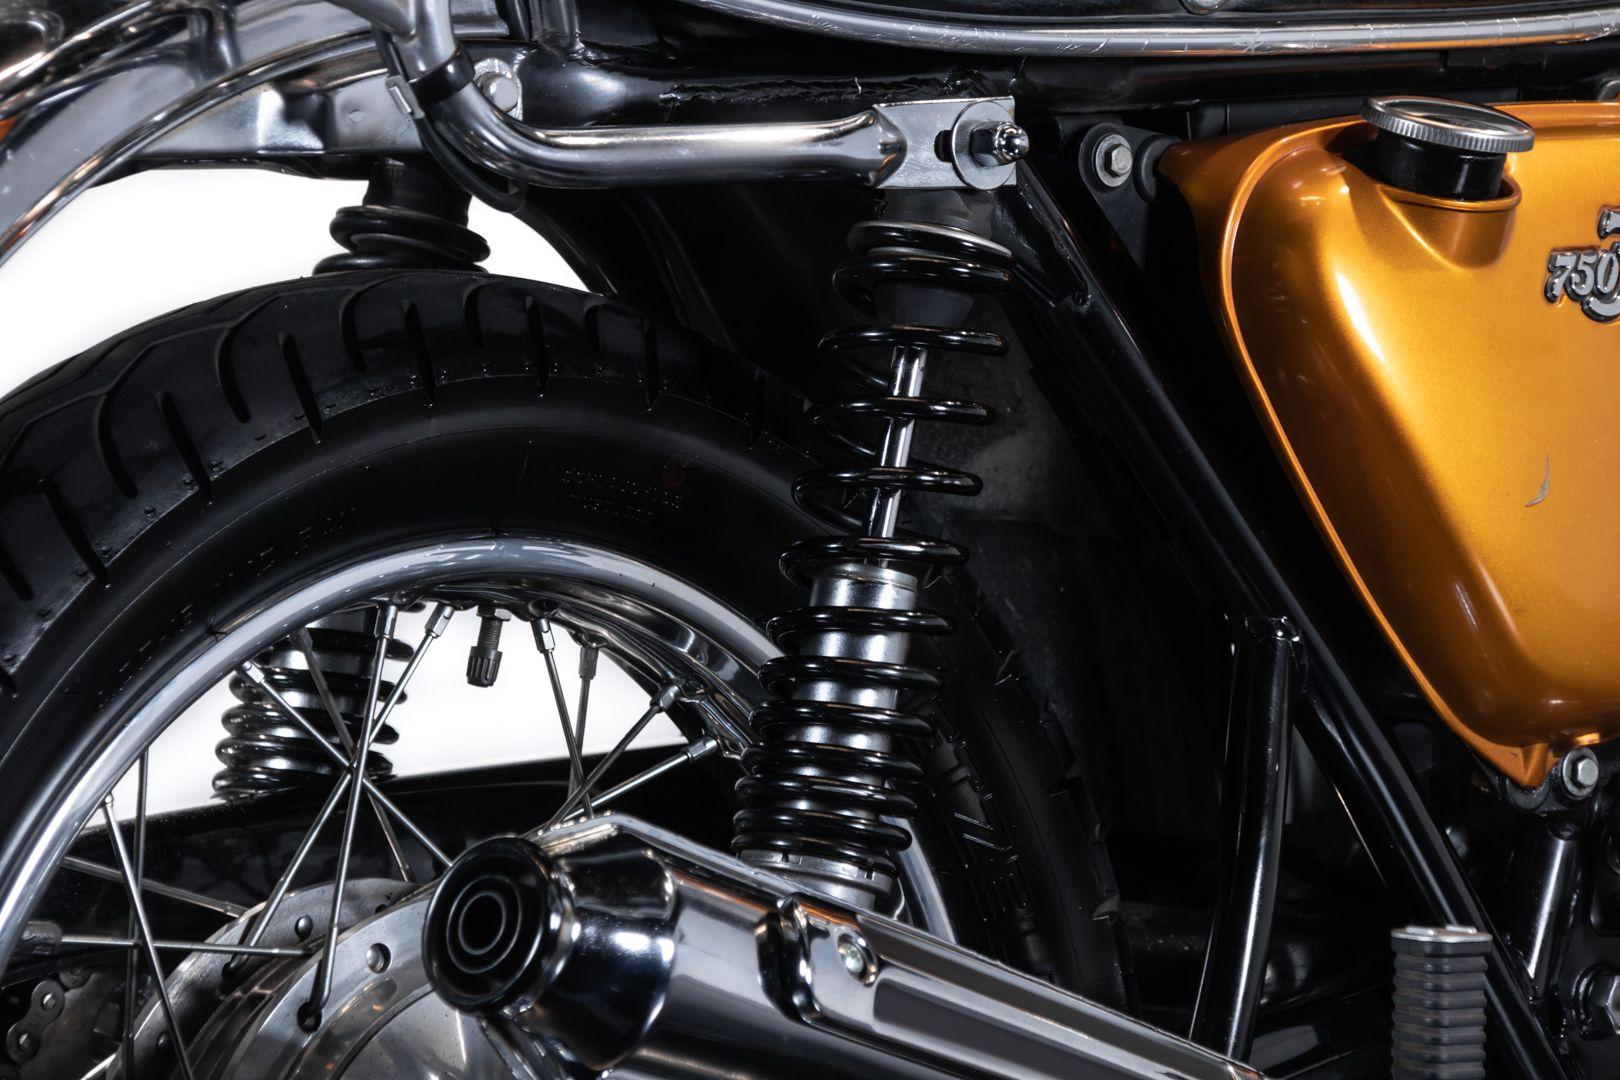 1973 Honda CB 750 Four 74181